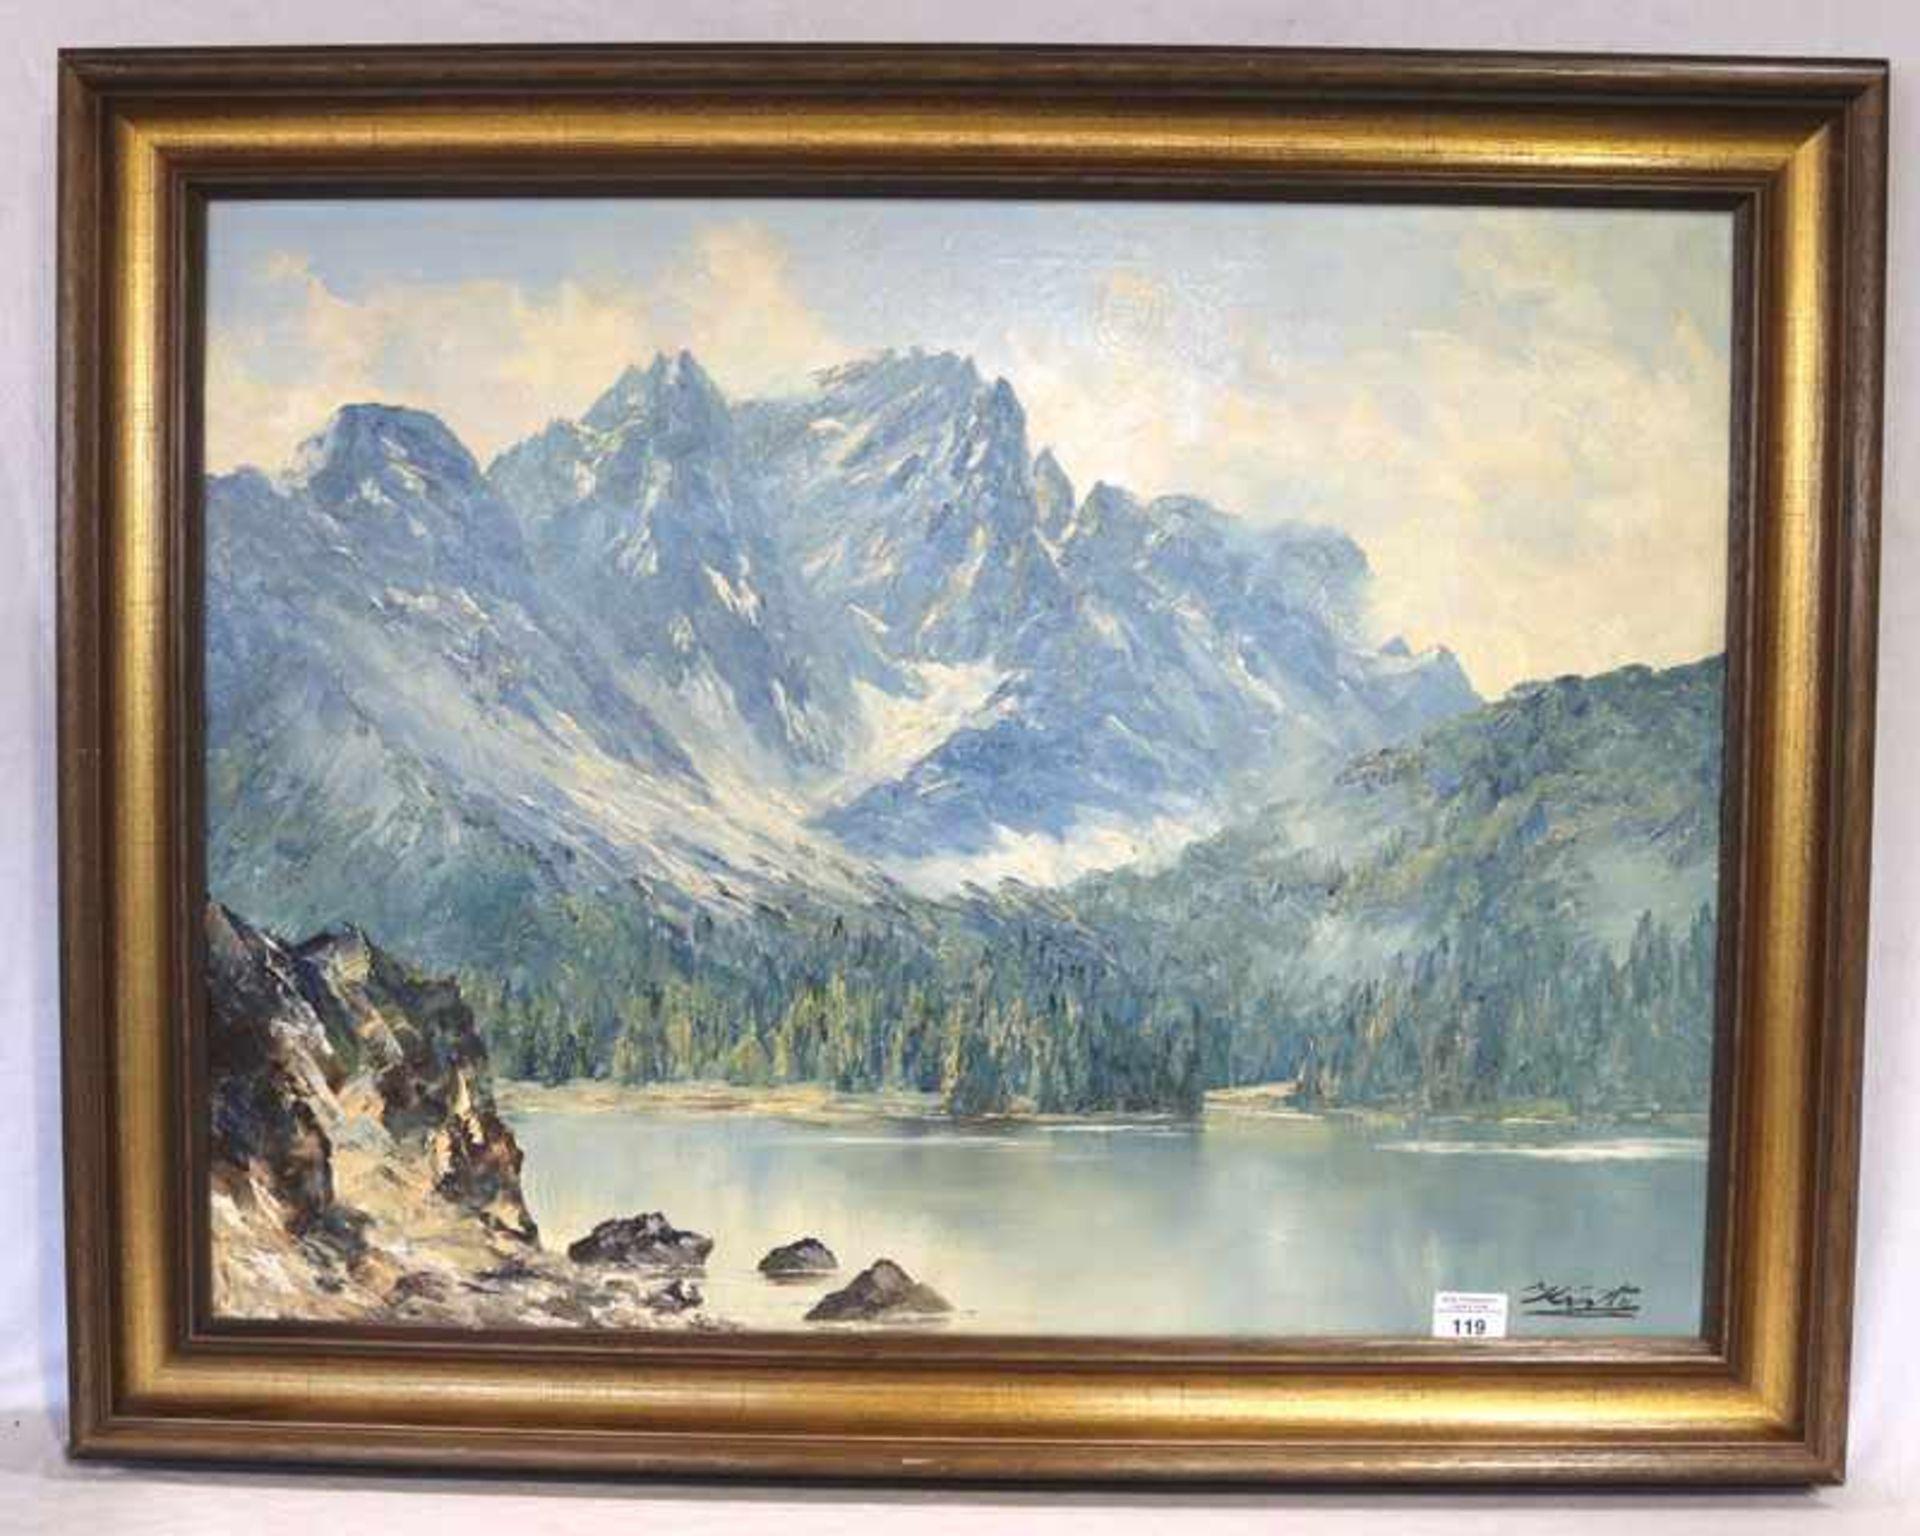 Gemälde ÖL/LW 'Eibsee', signiert Kiste, Georg, * 11.7.1908 Garmisch-Partenkirchen + 1997 München,